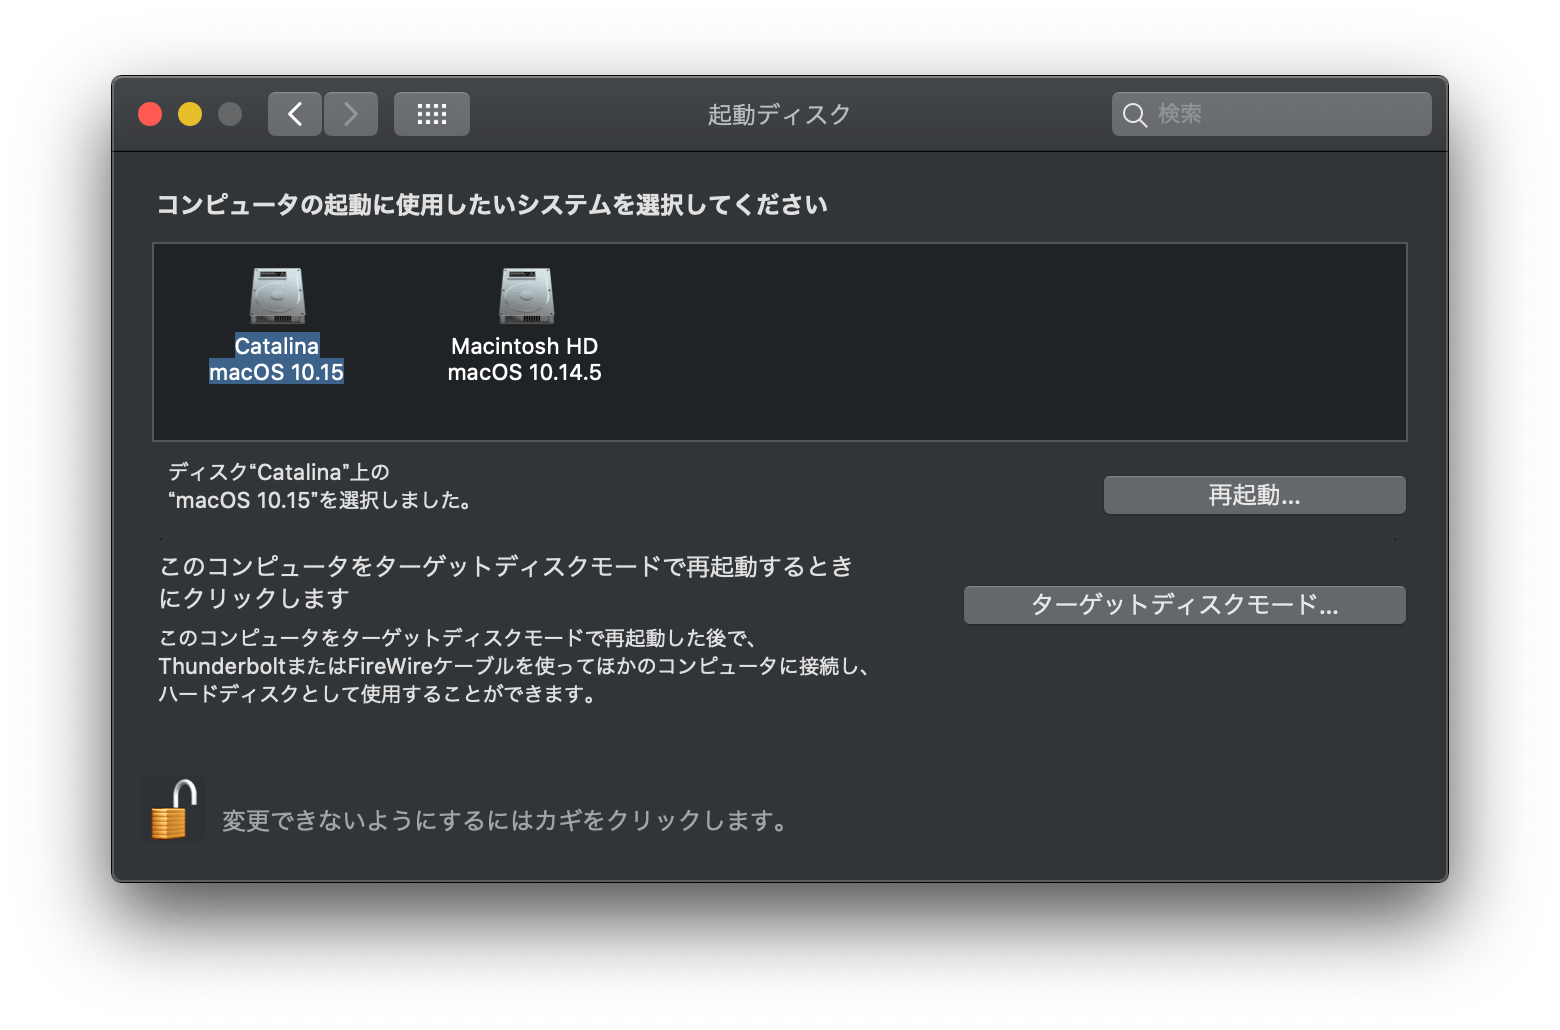 スクリーンショット 2019-06-05 12.23.02.png